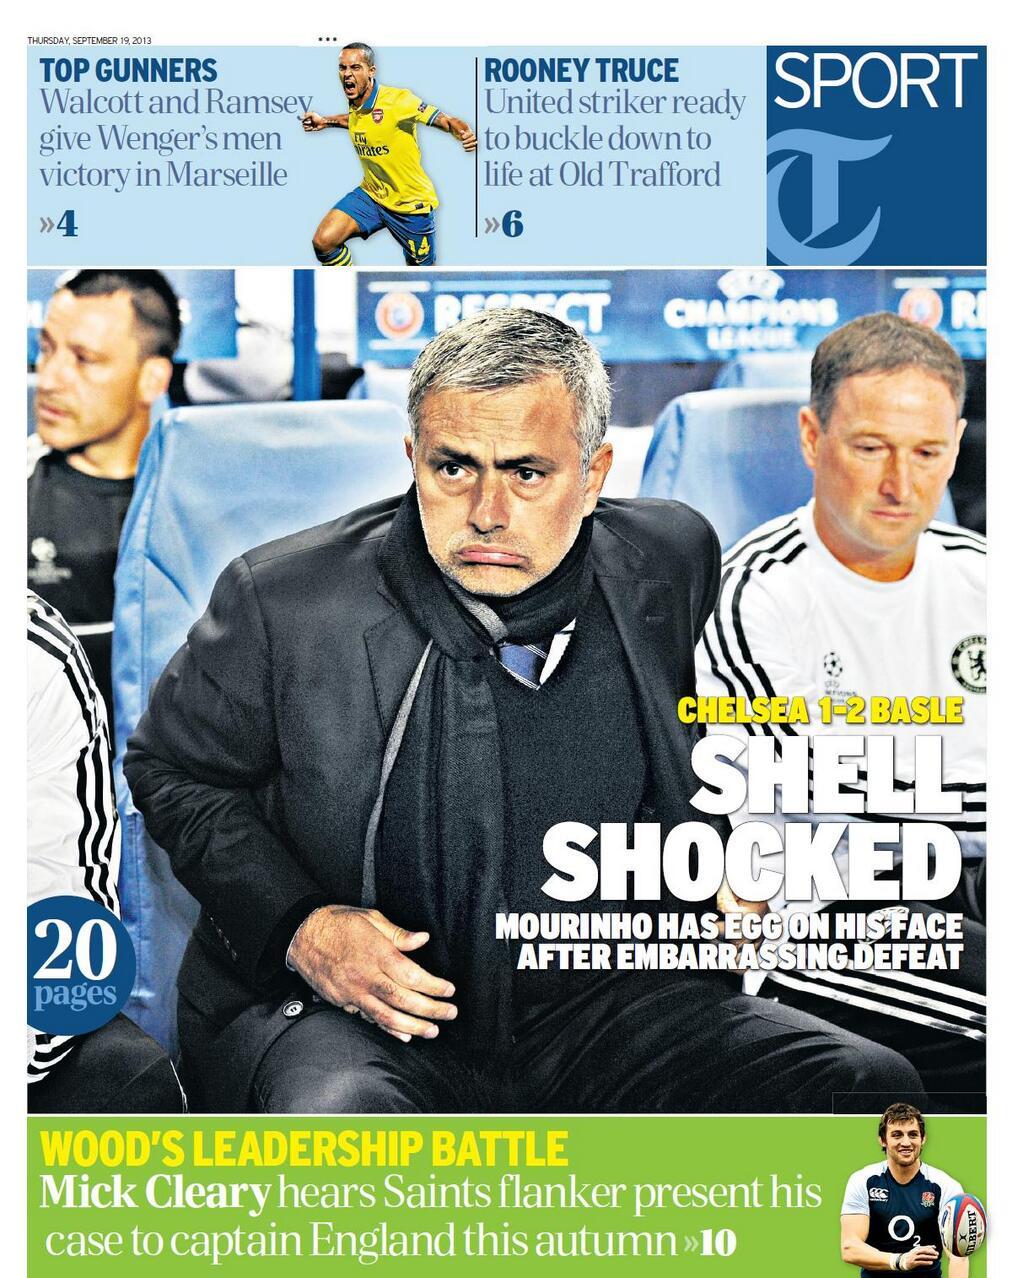 Mourinho Daily Telegraph